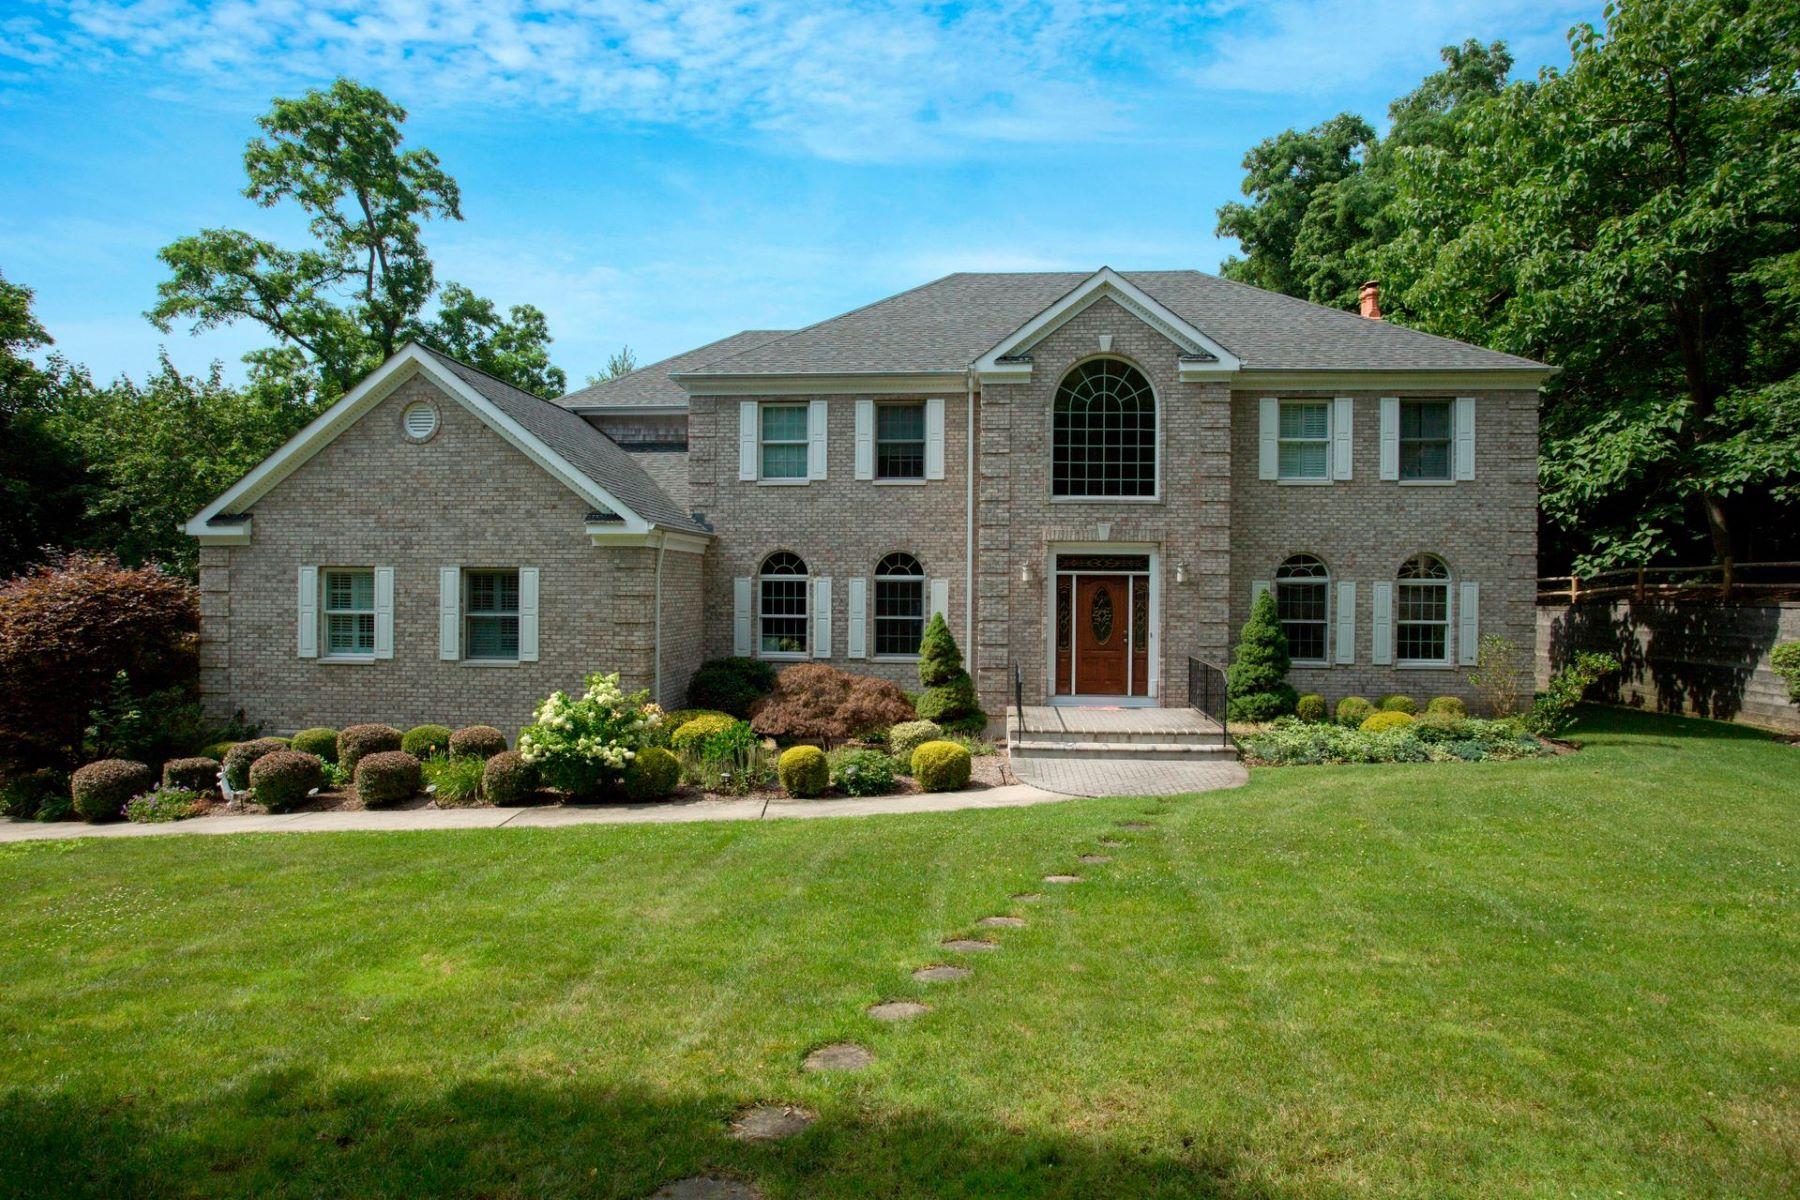 Частный односемейный дом для того Продажа на 43 Cove Rd , Huntington, NY 11743 43 Cove Rd, Huntington, Нью-Йорк, 11743 Соединенные Штаты